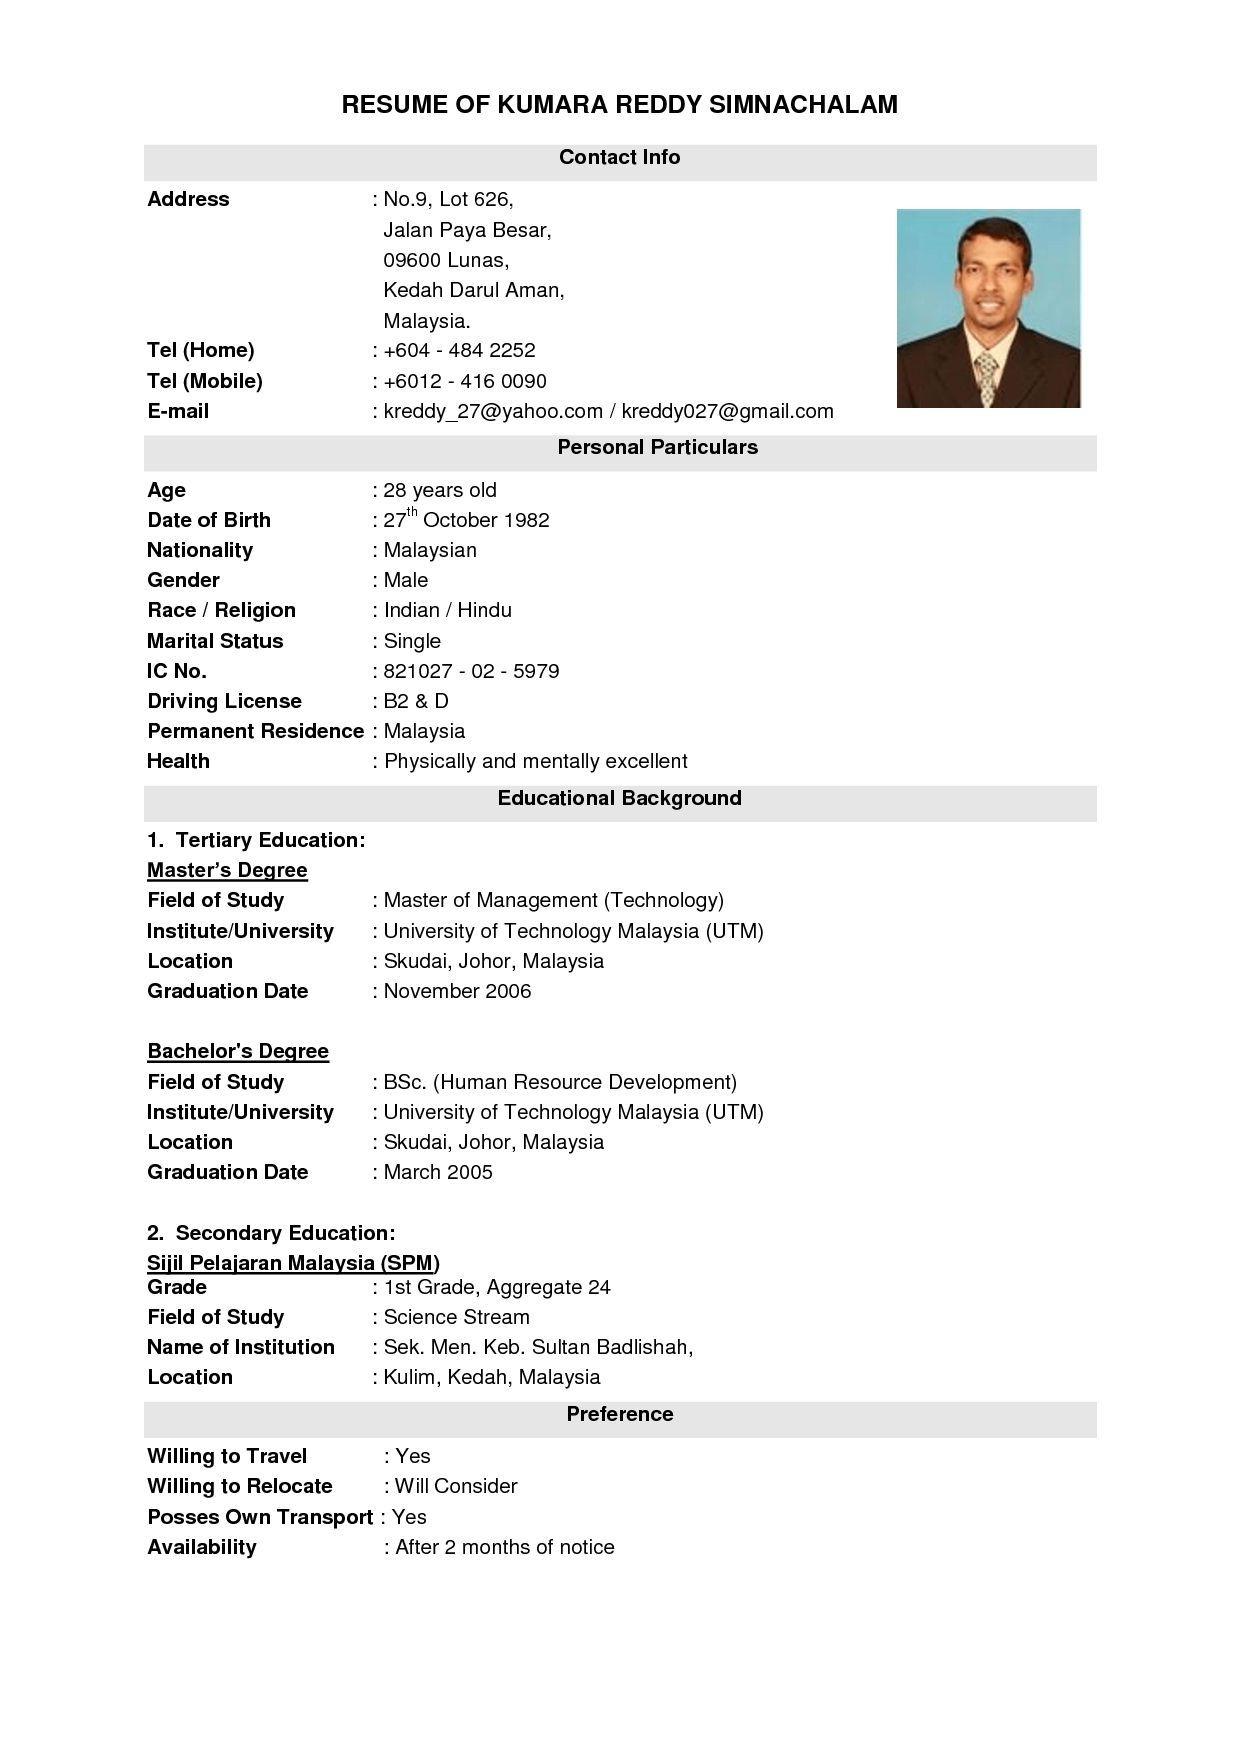 Sales Manager Resume Pdf Sample Resume Format Best Resume